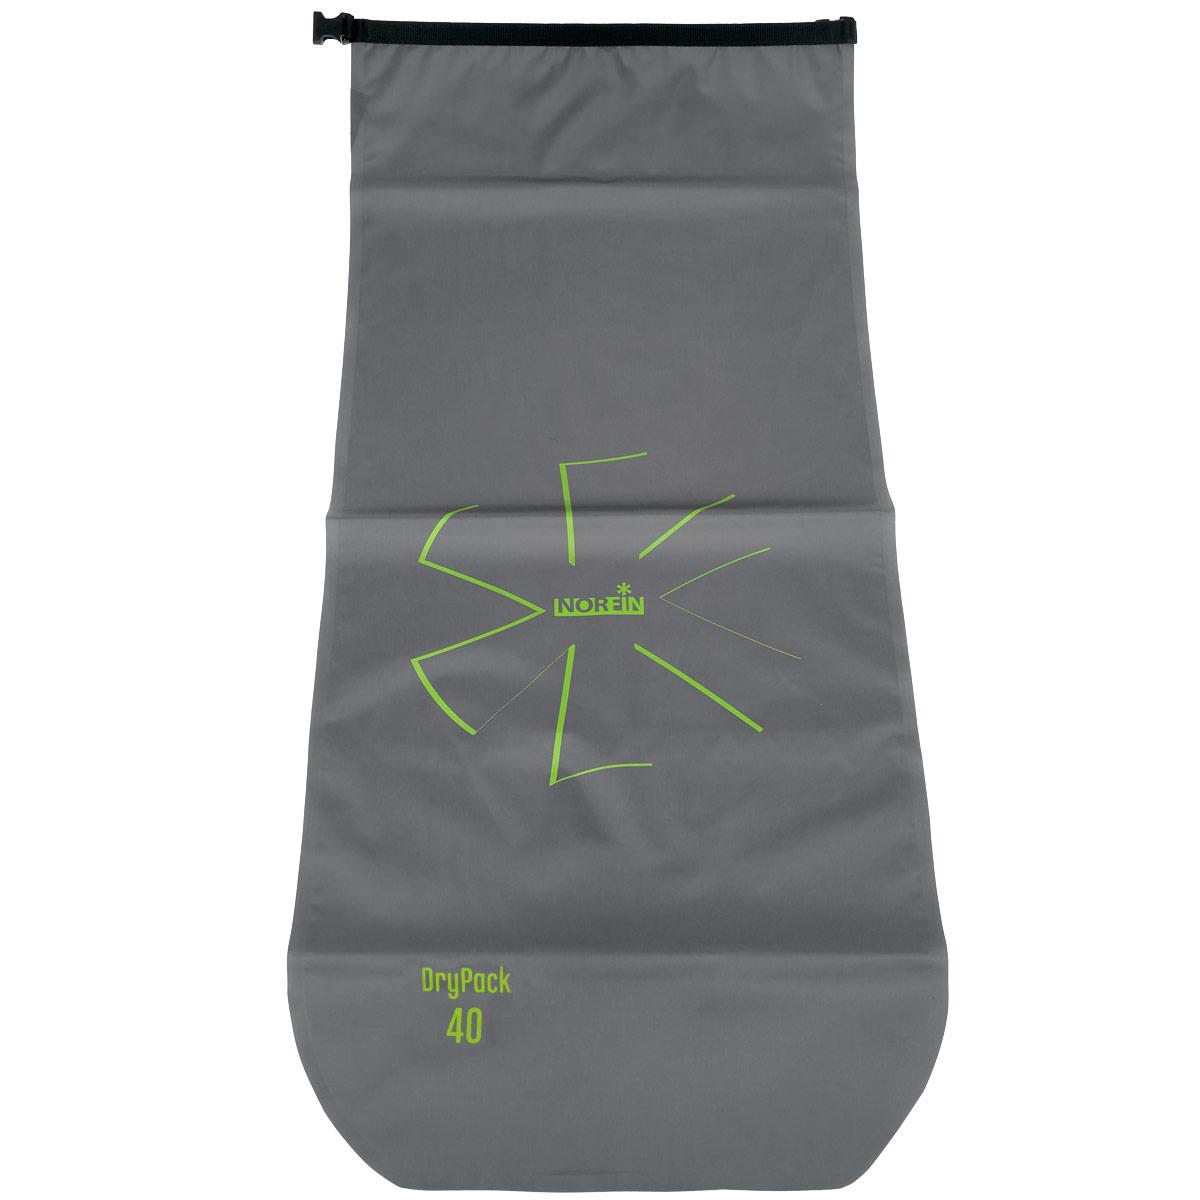 """Гермомешок Norfin """"Dry Pack"""", цвет: серый, 40 л NF-40304"""